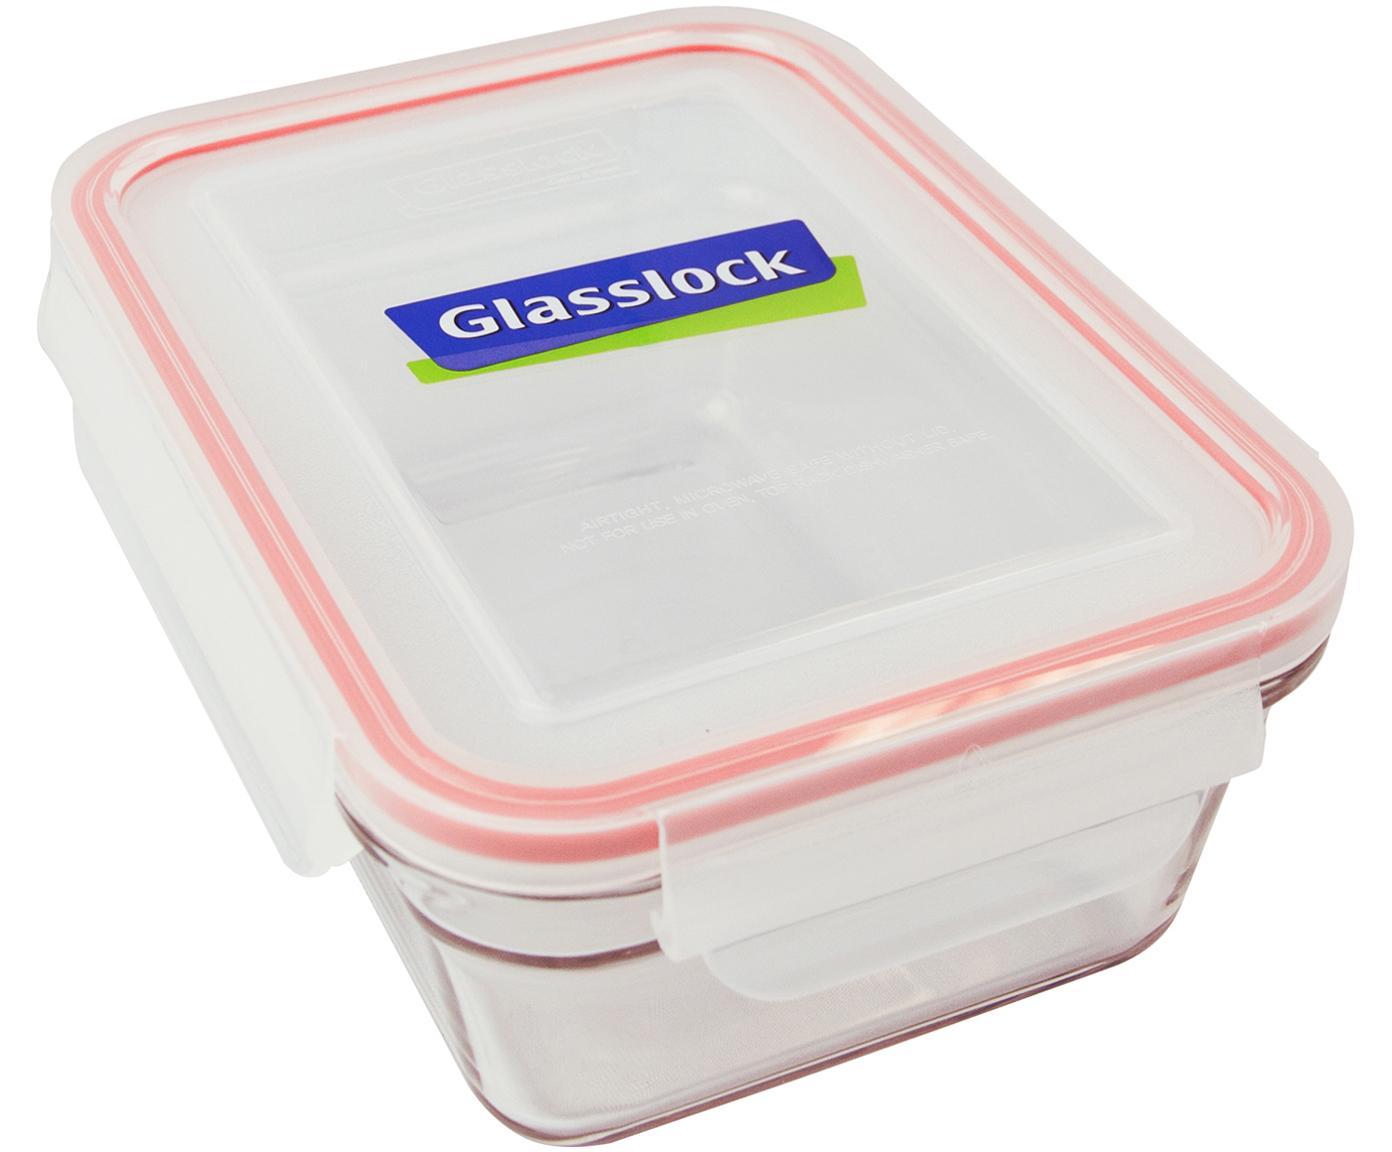 Pudełko do przechowywania żywności Bea, 2 szt., Transparentny, blady różowy, S 18 x W 7 cm